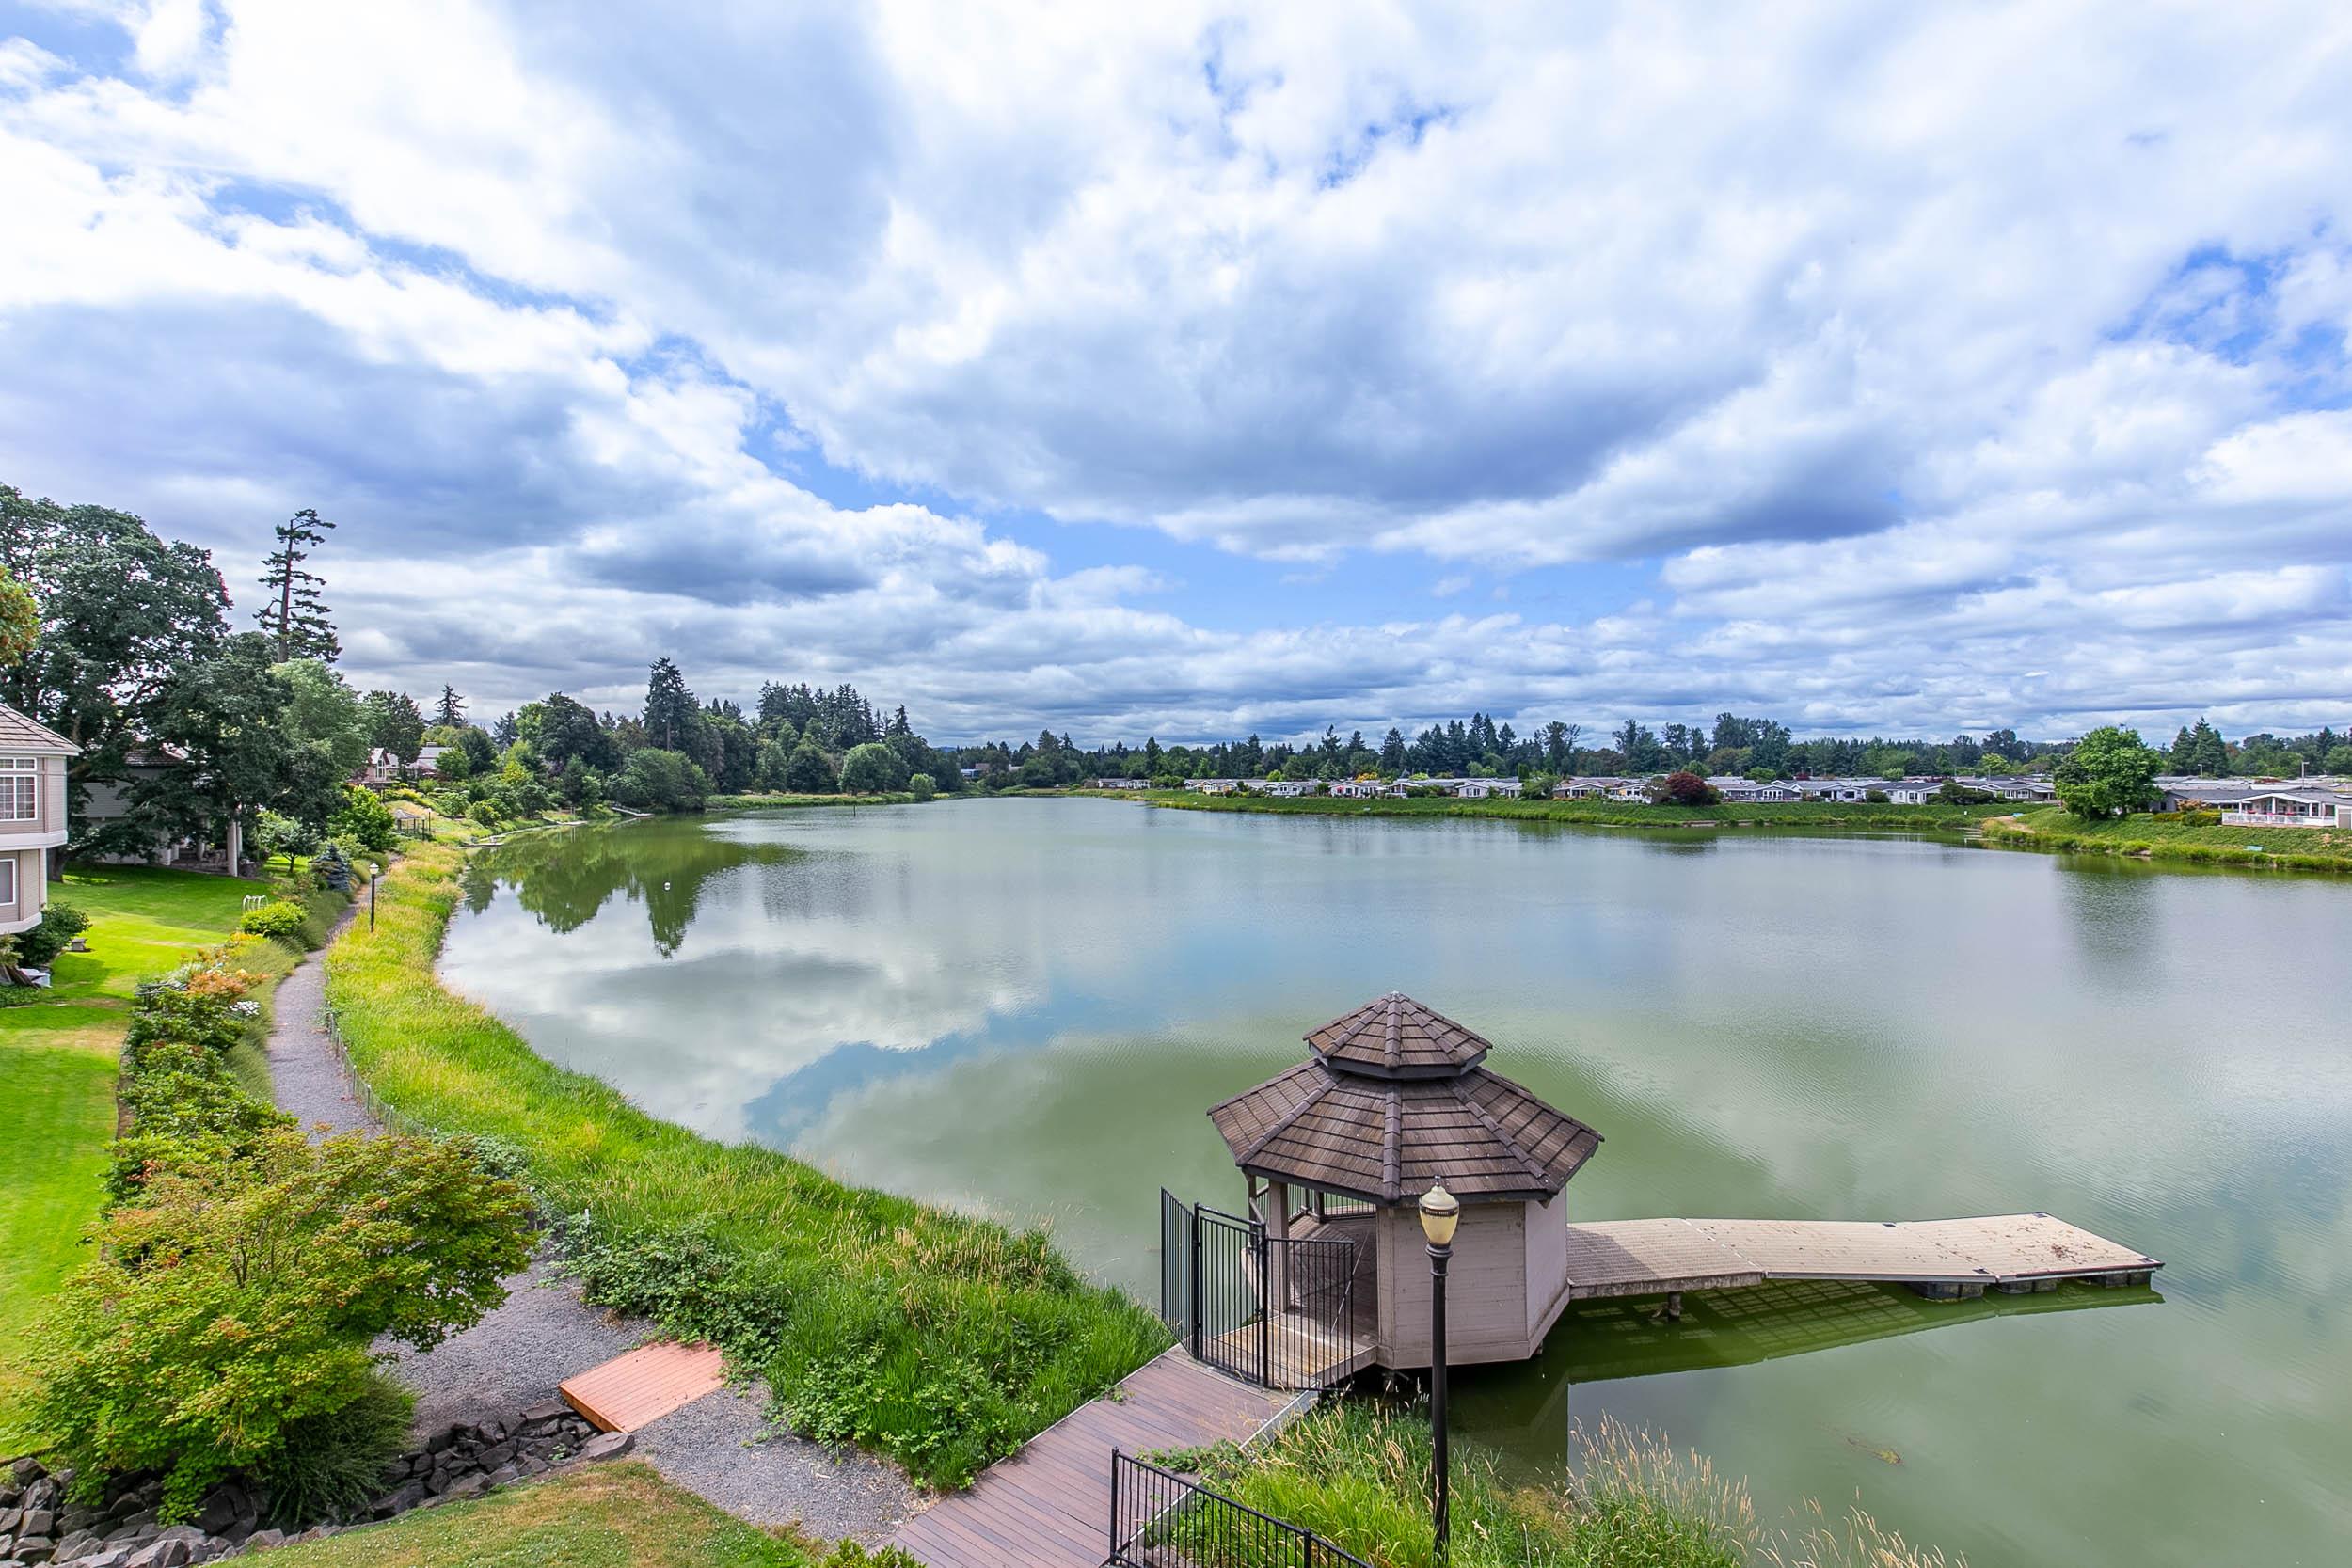 068_1743 Lake Shore_MG_8737-HDR.jpg